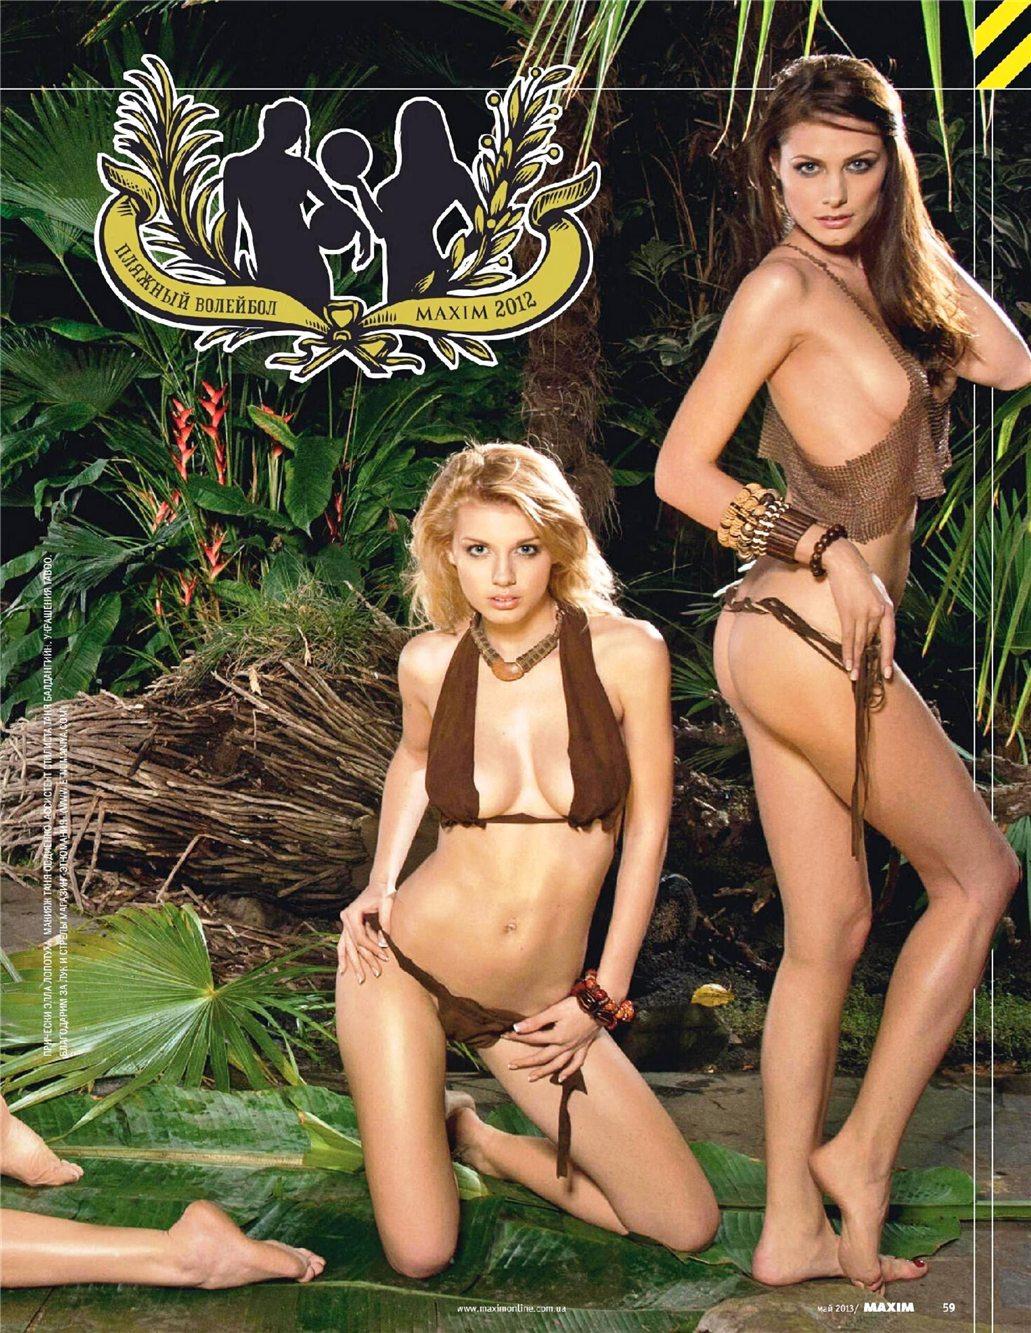 пляжные волейболистки - фотомодели в журнале Maxim Украина, май 2013